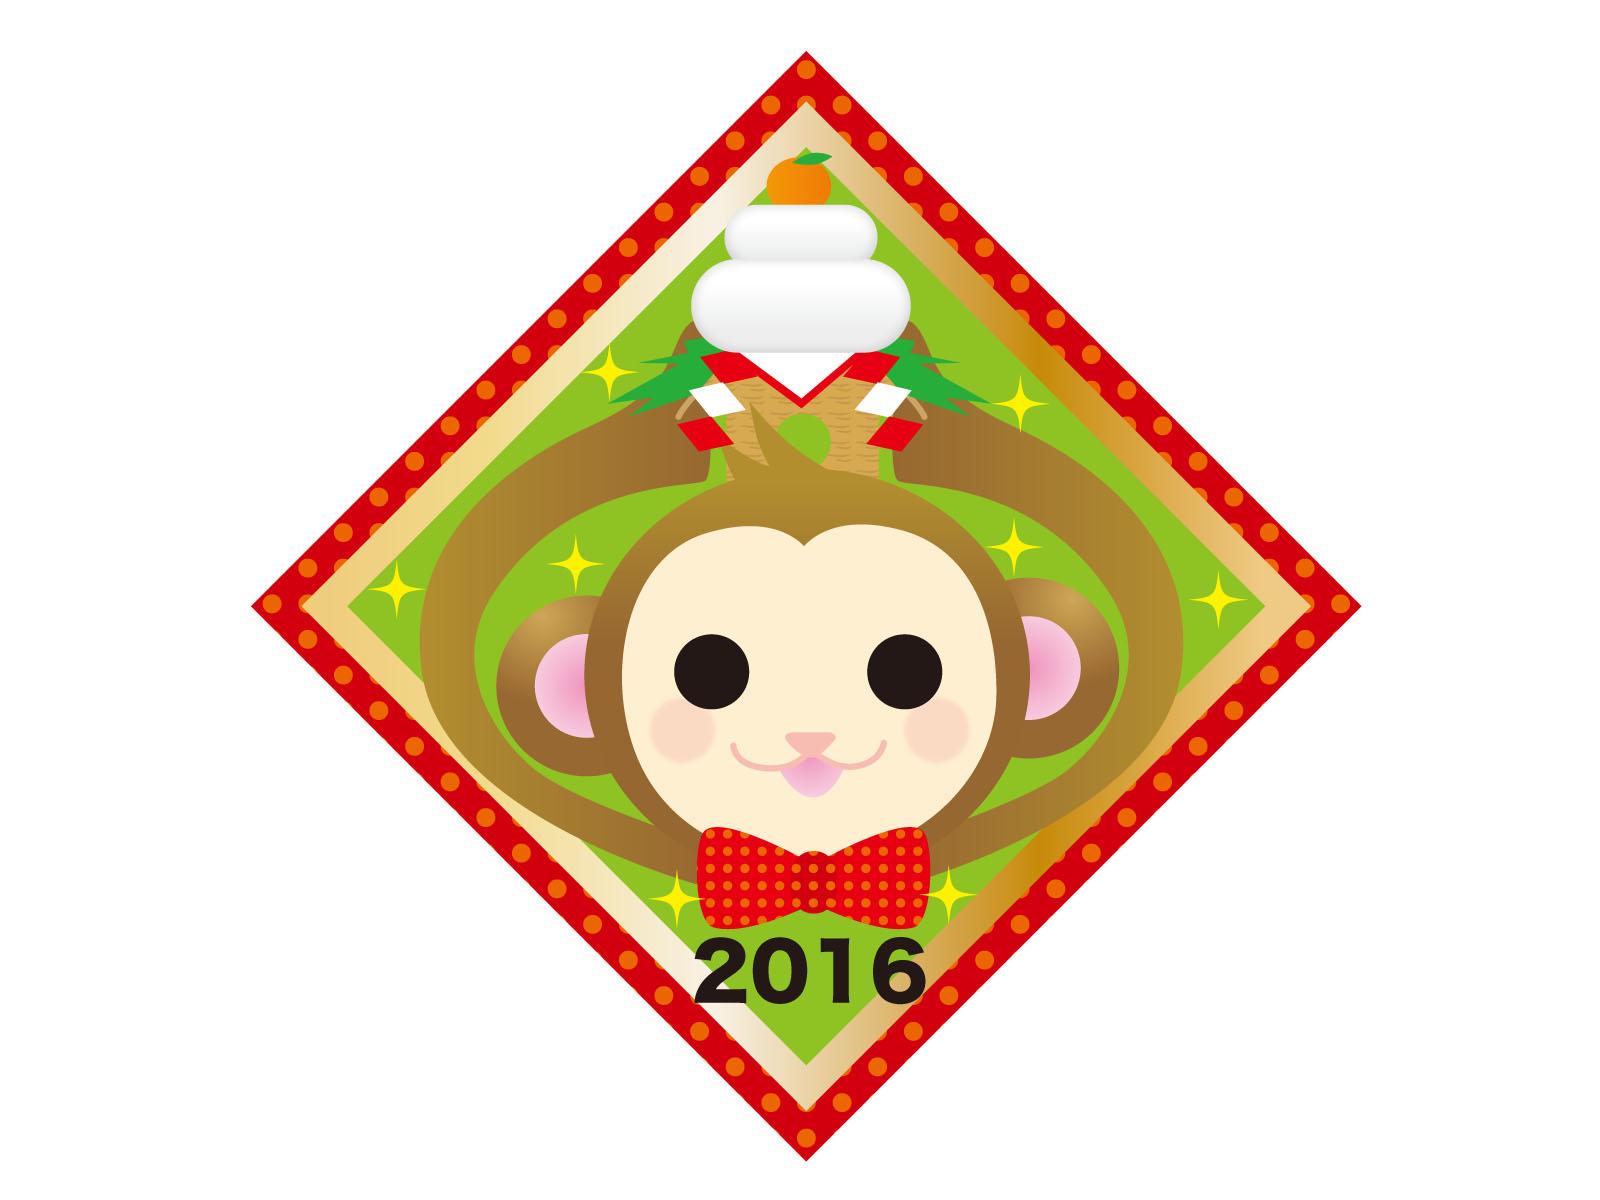 年賀状のイラストやテンプレート無料で安全にダウンロードできるサイト